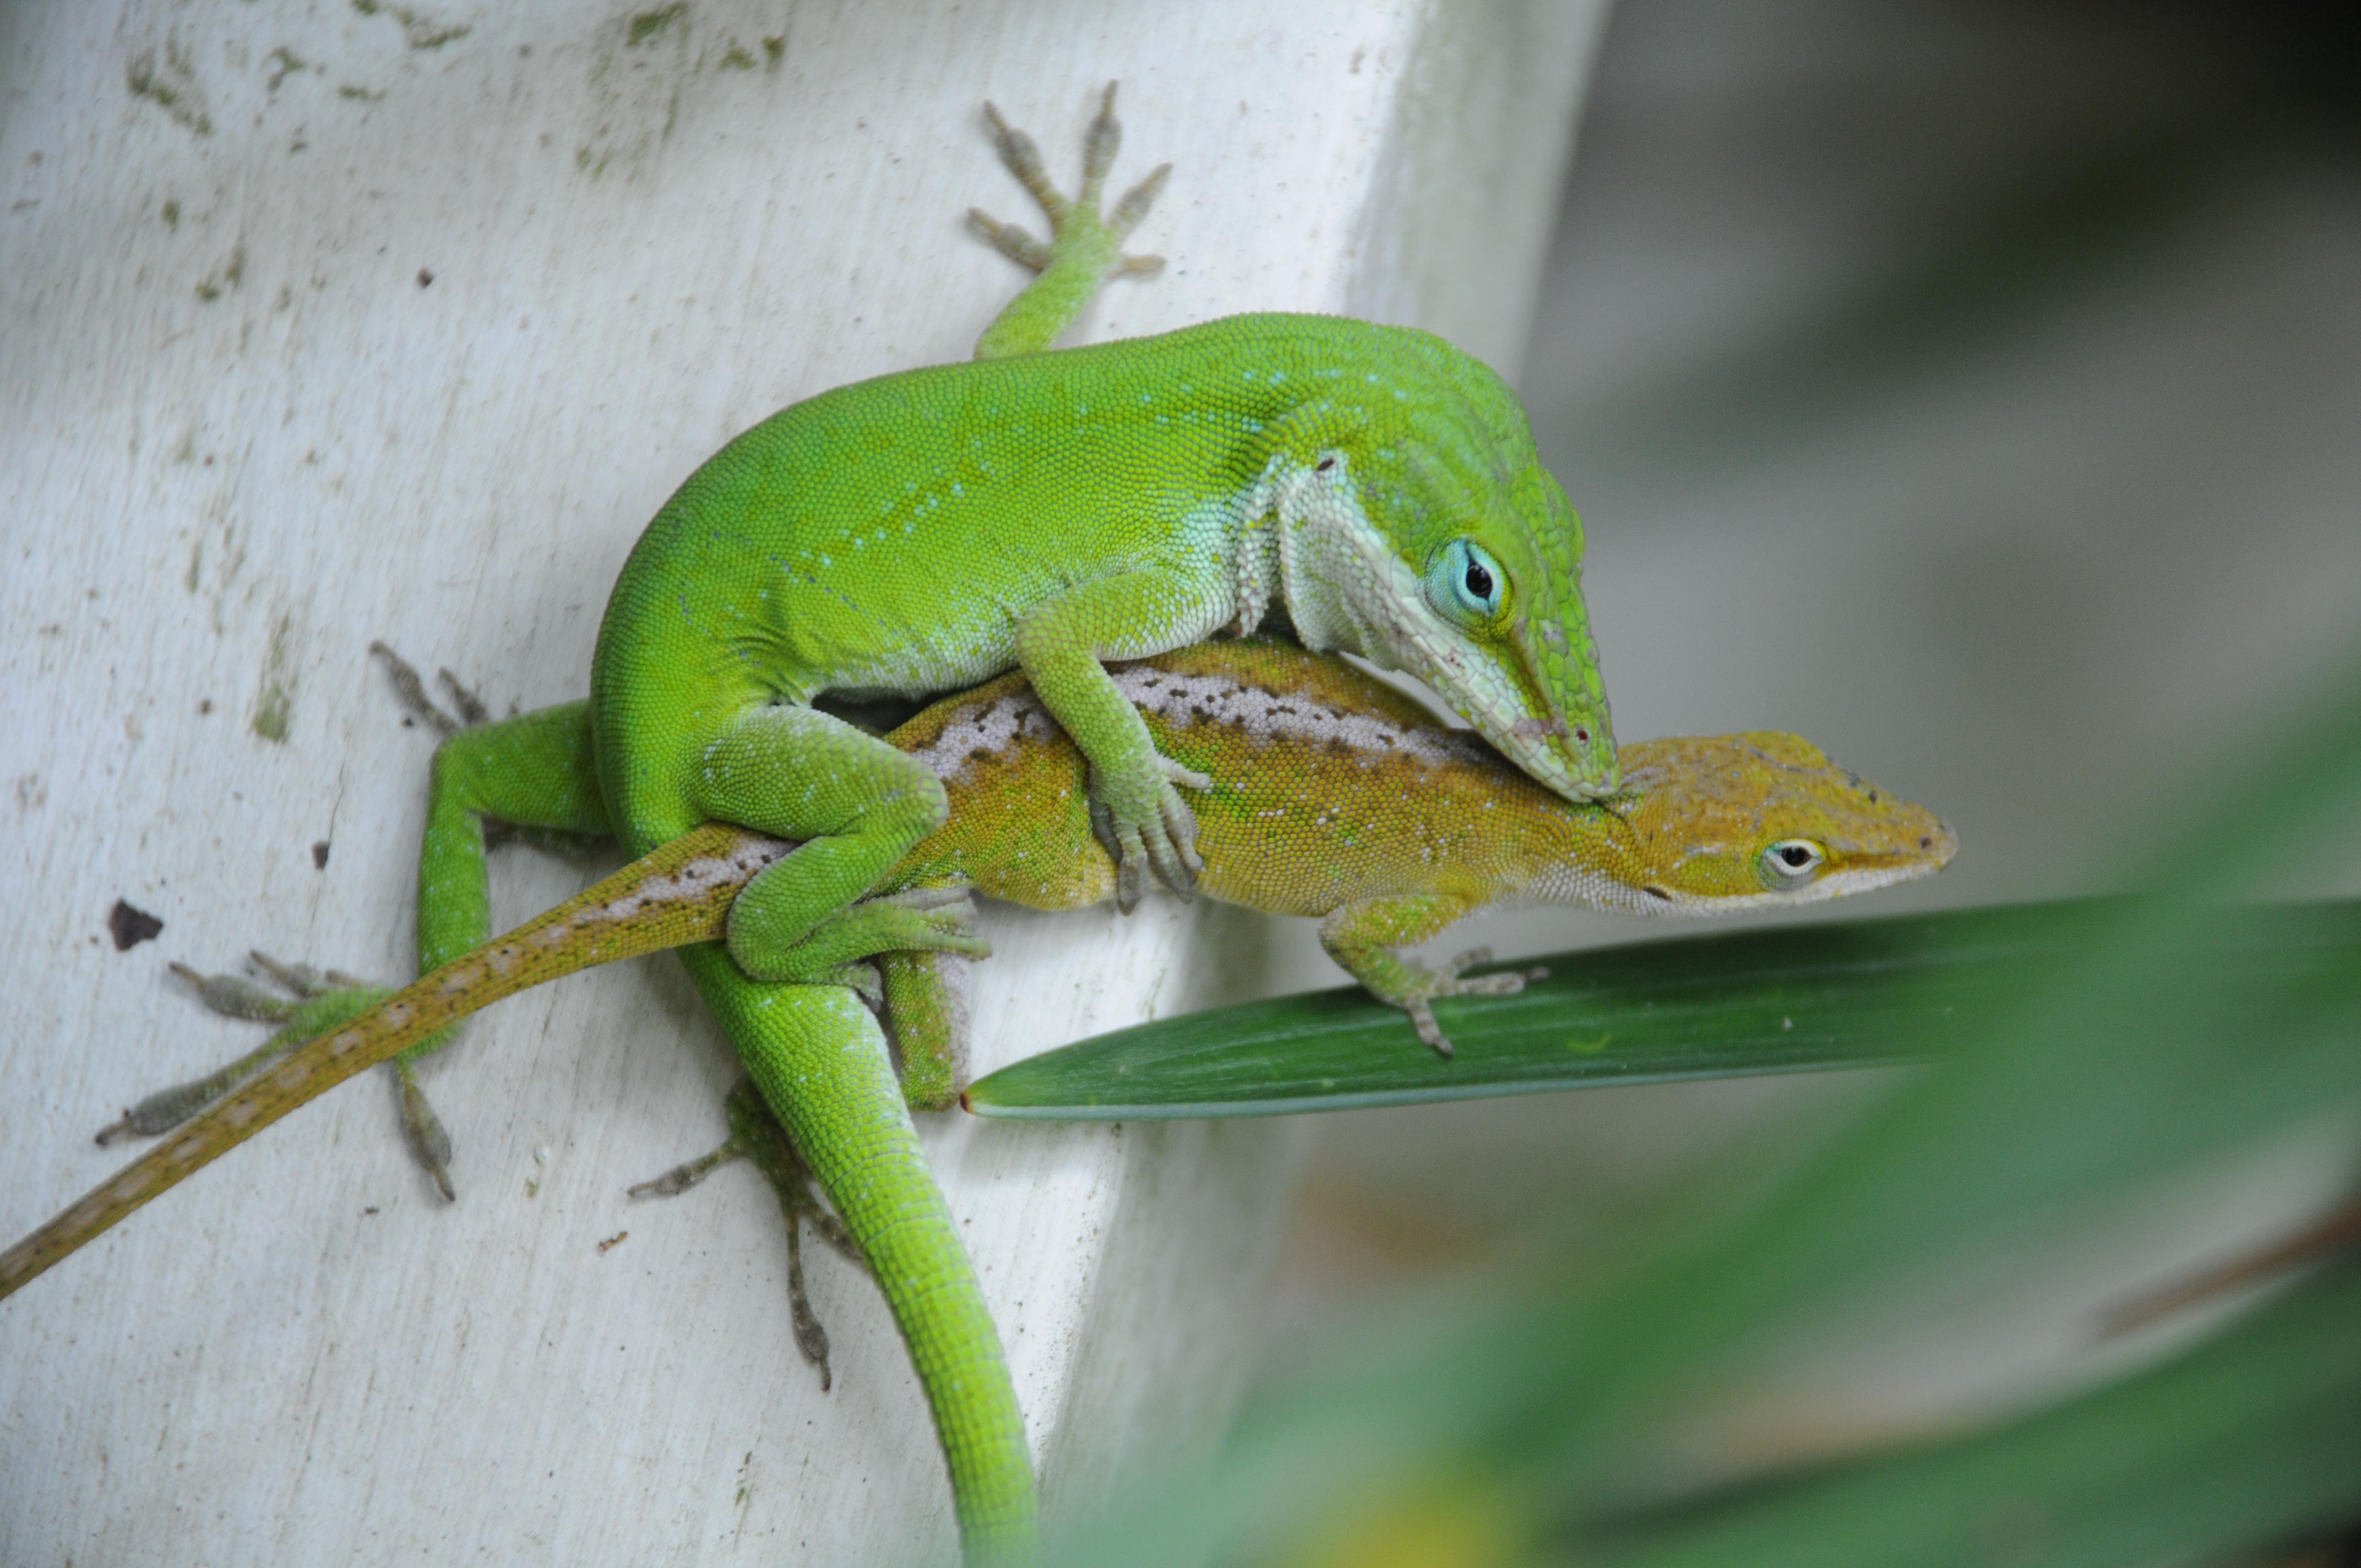 Les lézards mâles, comme cet anole vert (Anolis carolinensis), possèdent un organe copulateur tubulaire finalisé par deux hémipénis symétriques d'où s'écoule la semence. © Cowenby, Wikimedia, CC by-sa 3.0